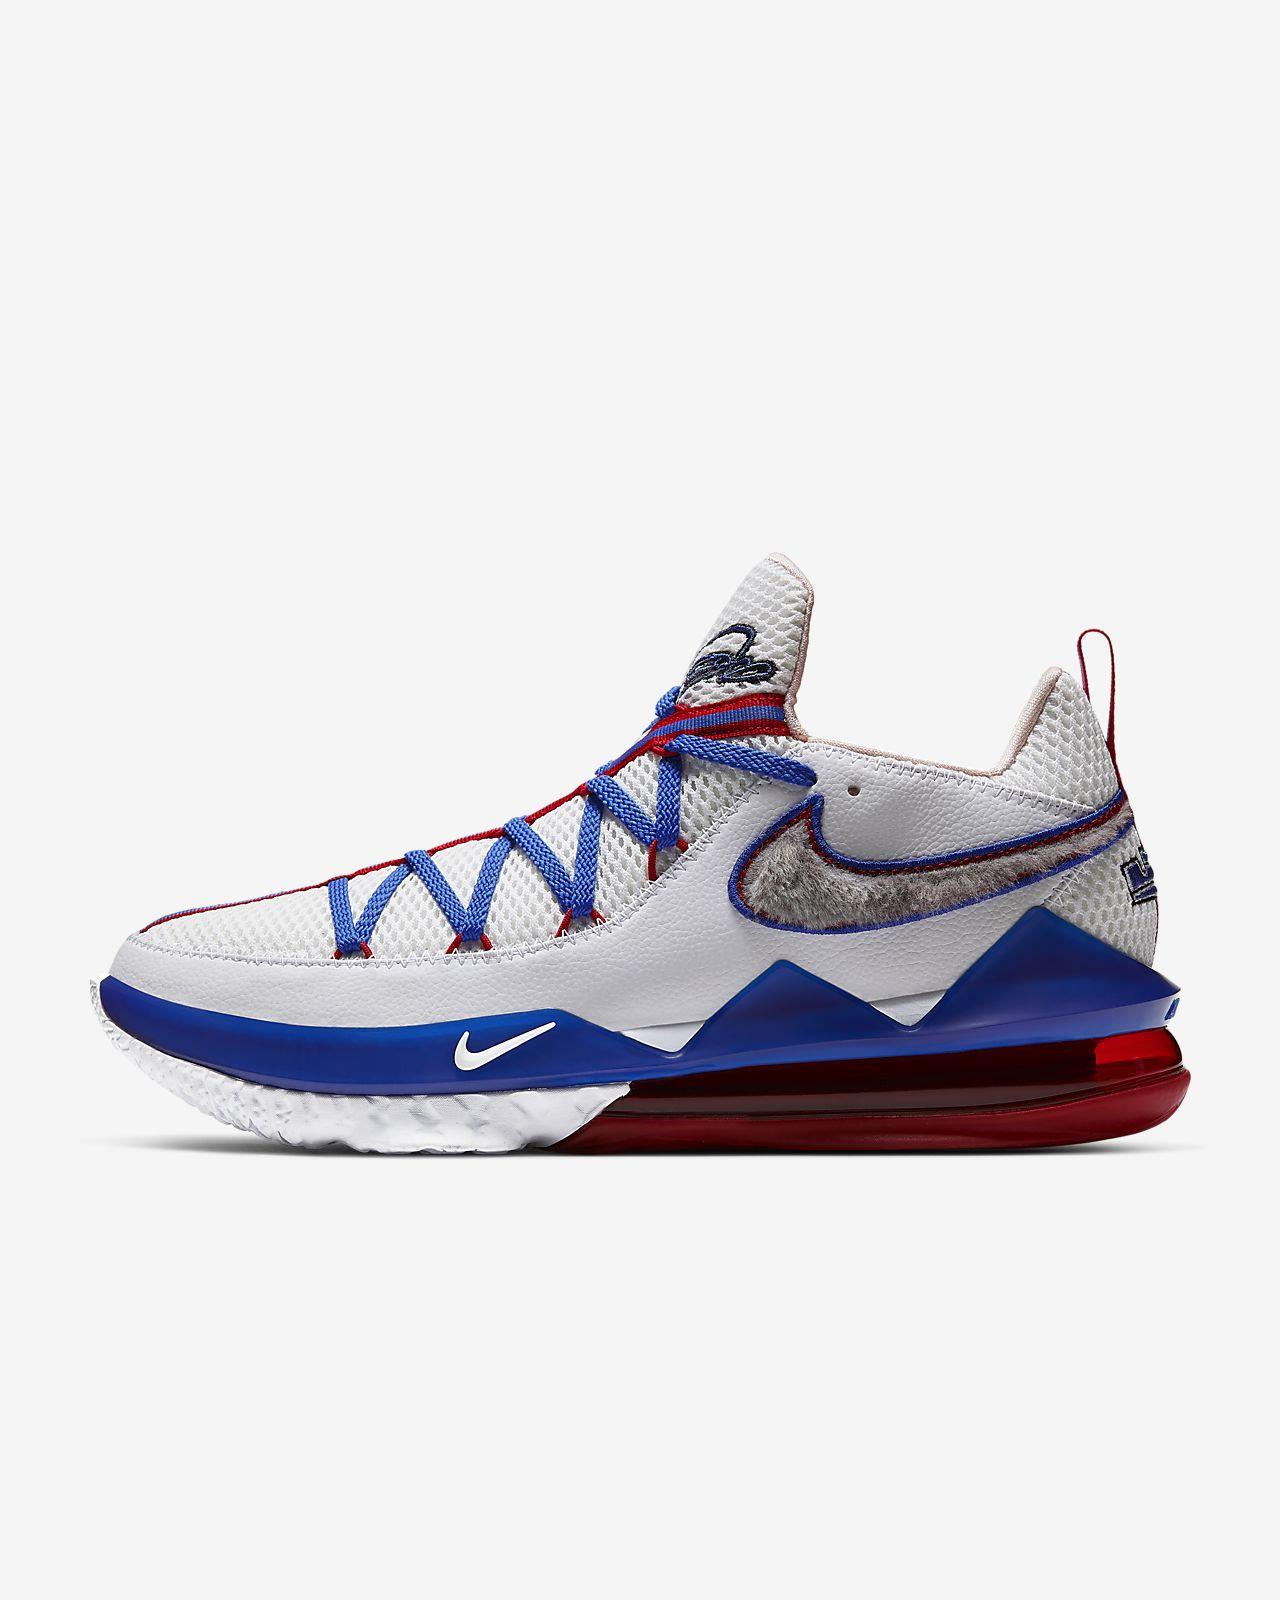 Sapatilhas de basquetebol Nike Lebron à venda Artigos